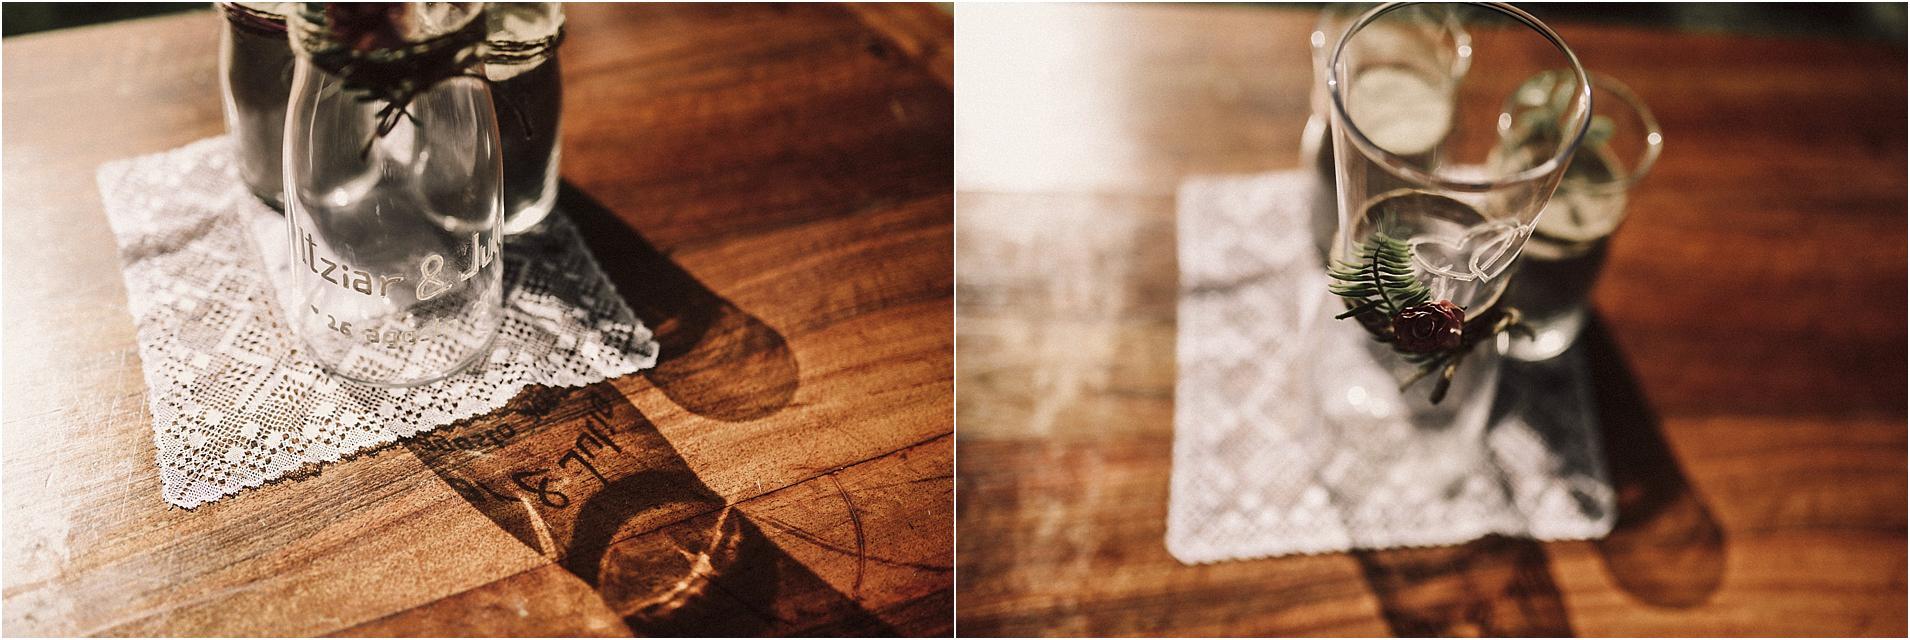 Fotografos-de-boda-donostia-zaragoza-san-sebastian-destination-wedding-photographer-31.jpg